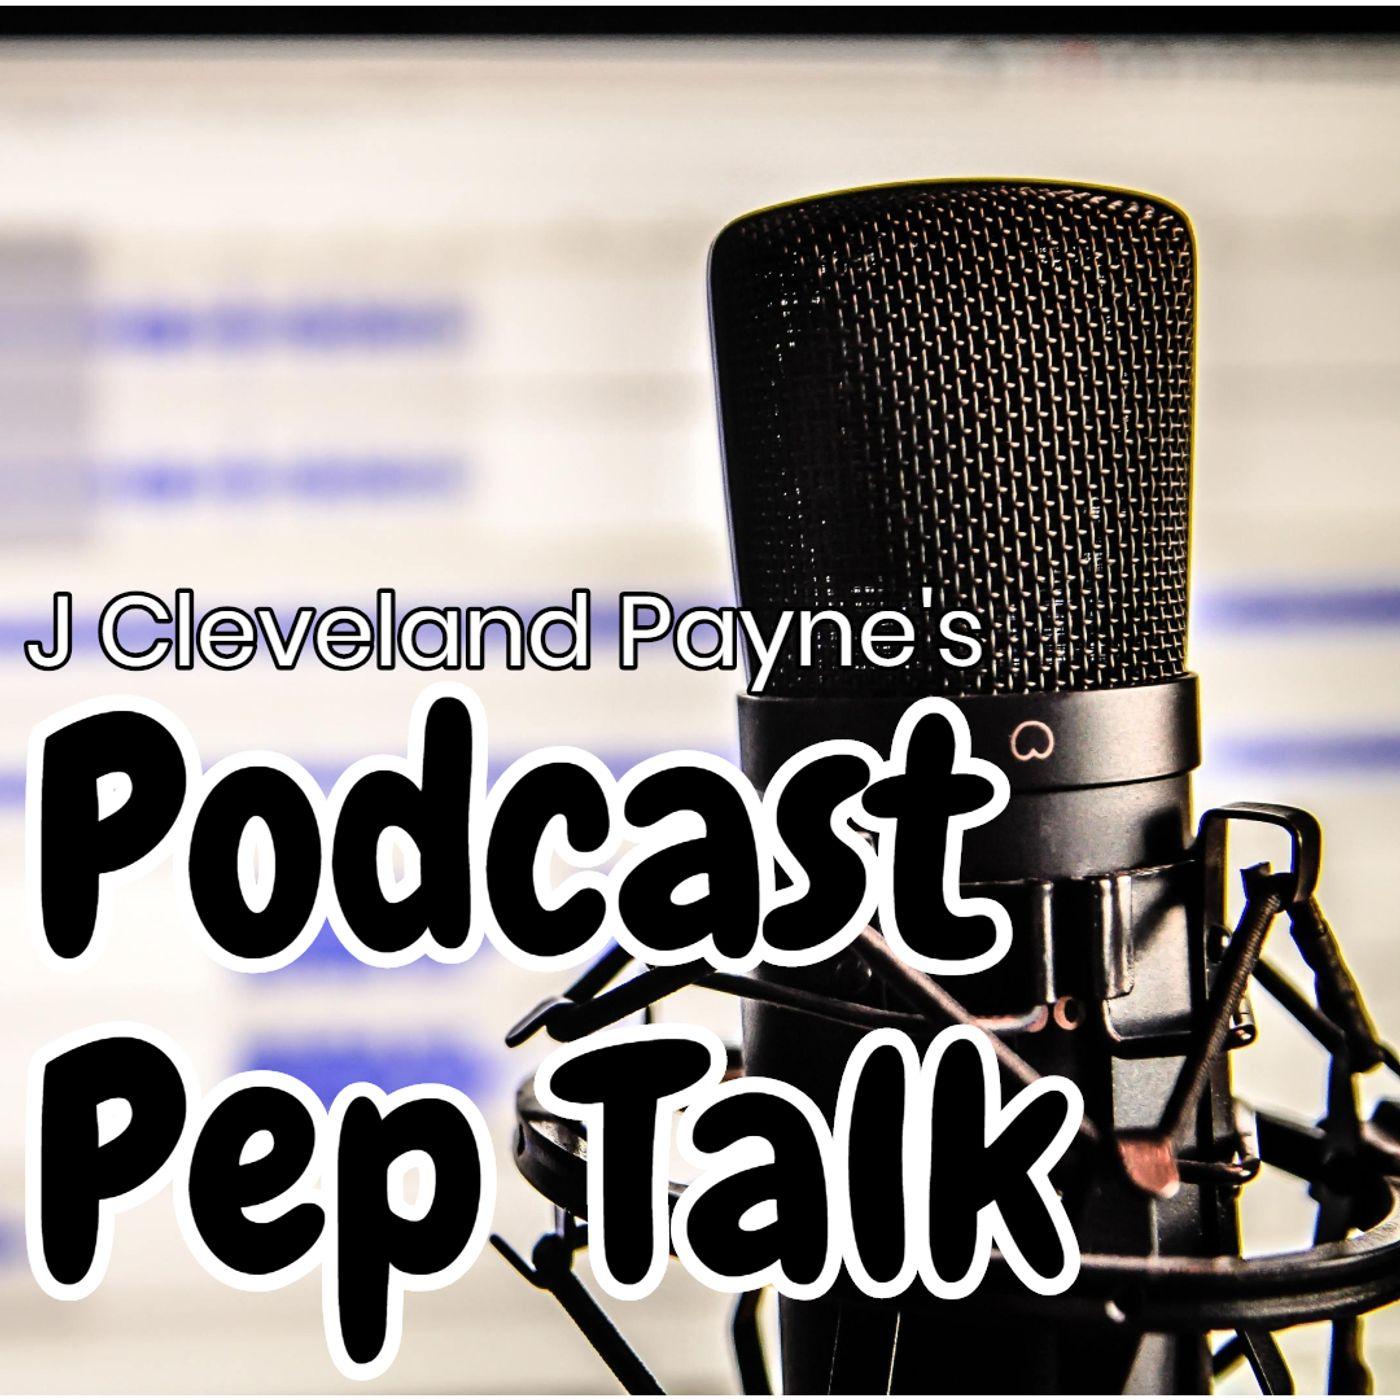 J Cleveland Payne's Podcast Pep Talk